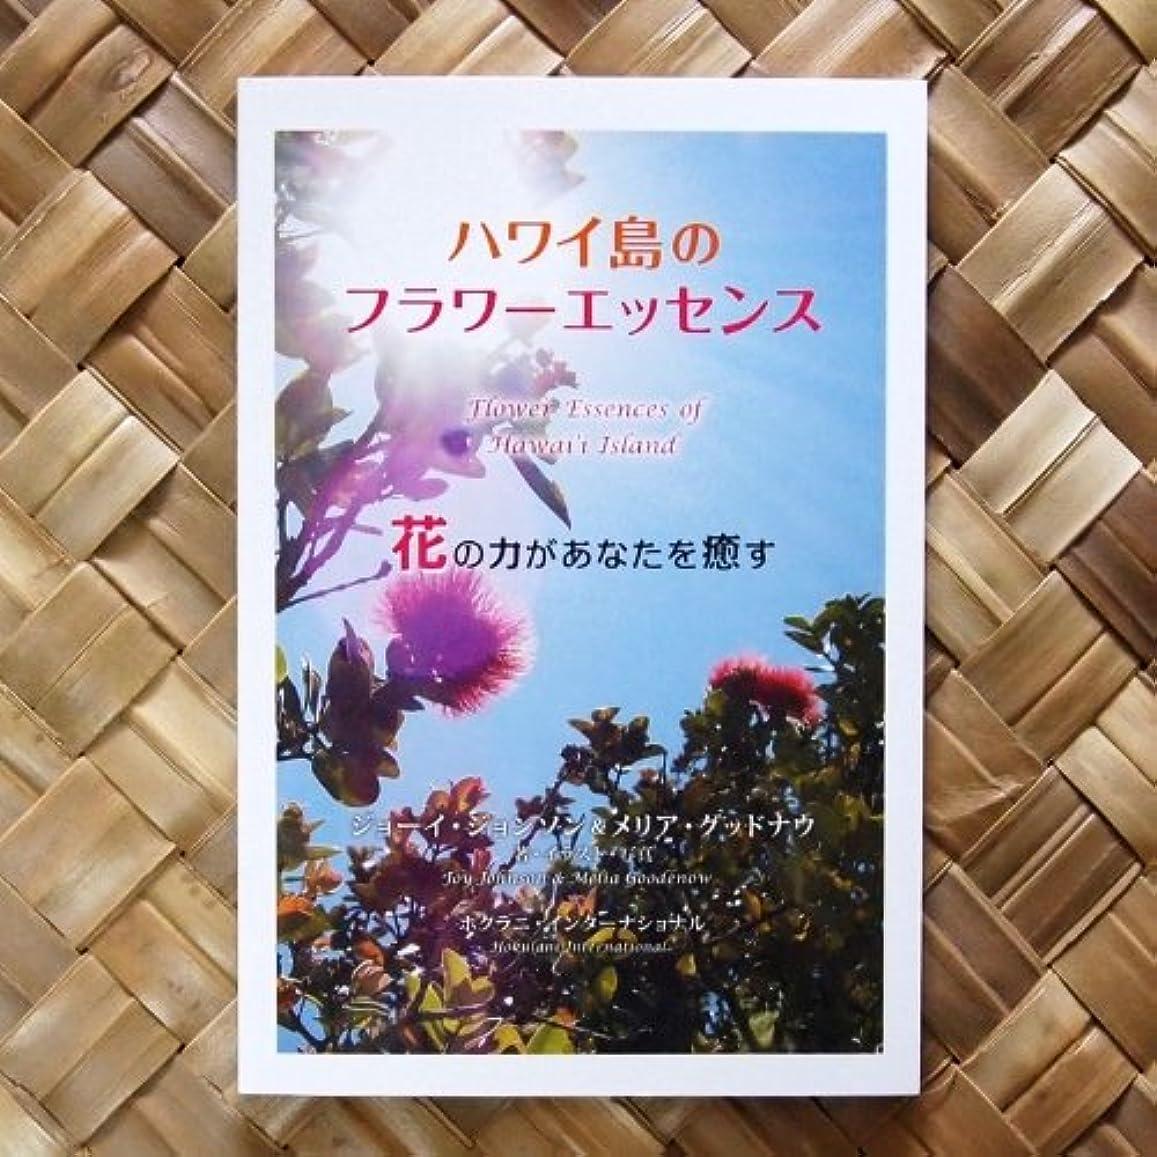 に対応ストライド高めるハワイ島のフラワーエッセンス 花の力があなたを癒す